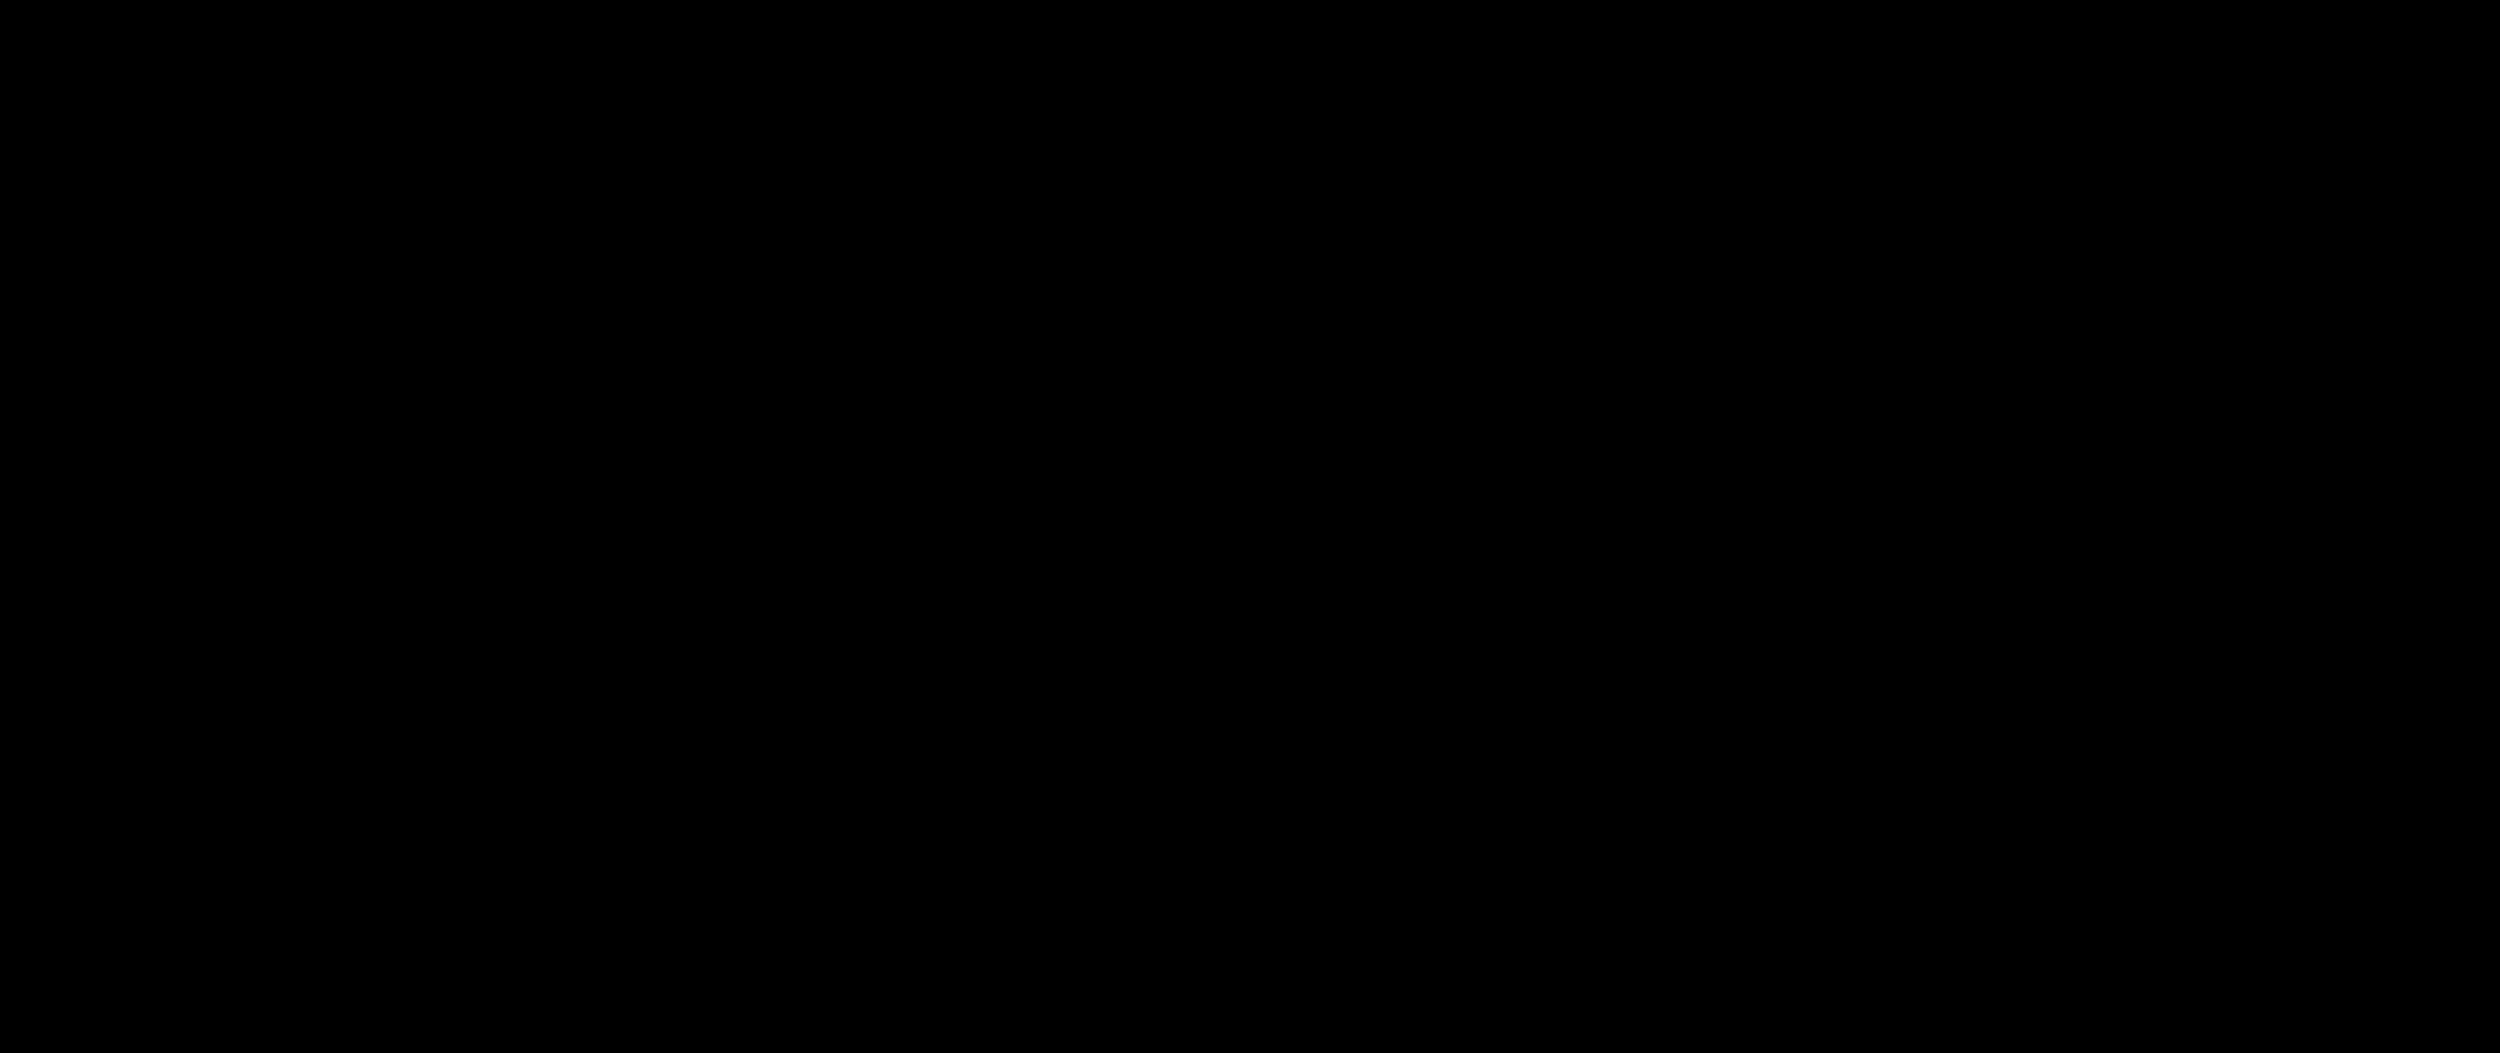 Dyson_logo_logotype.png